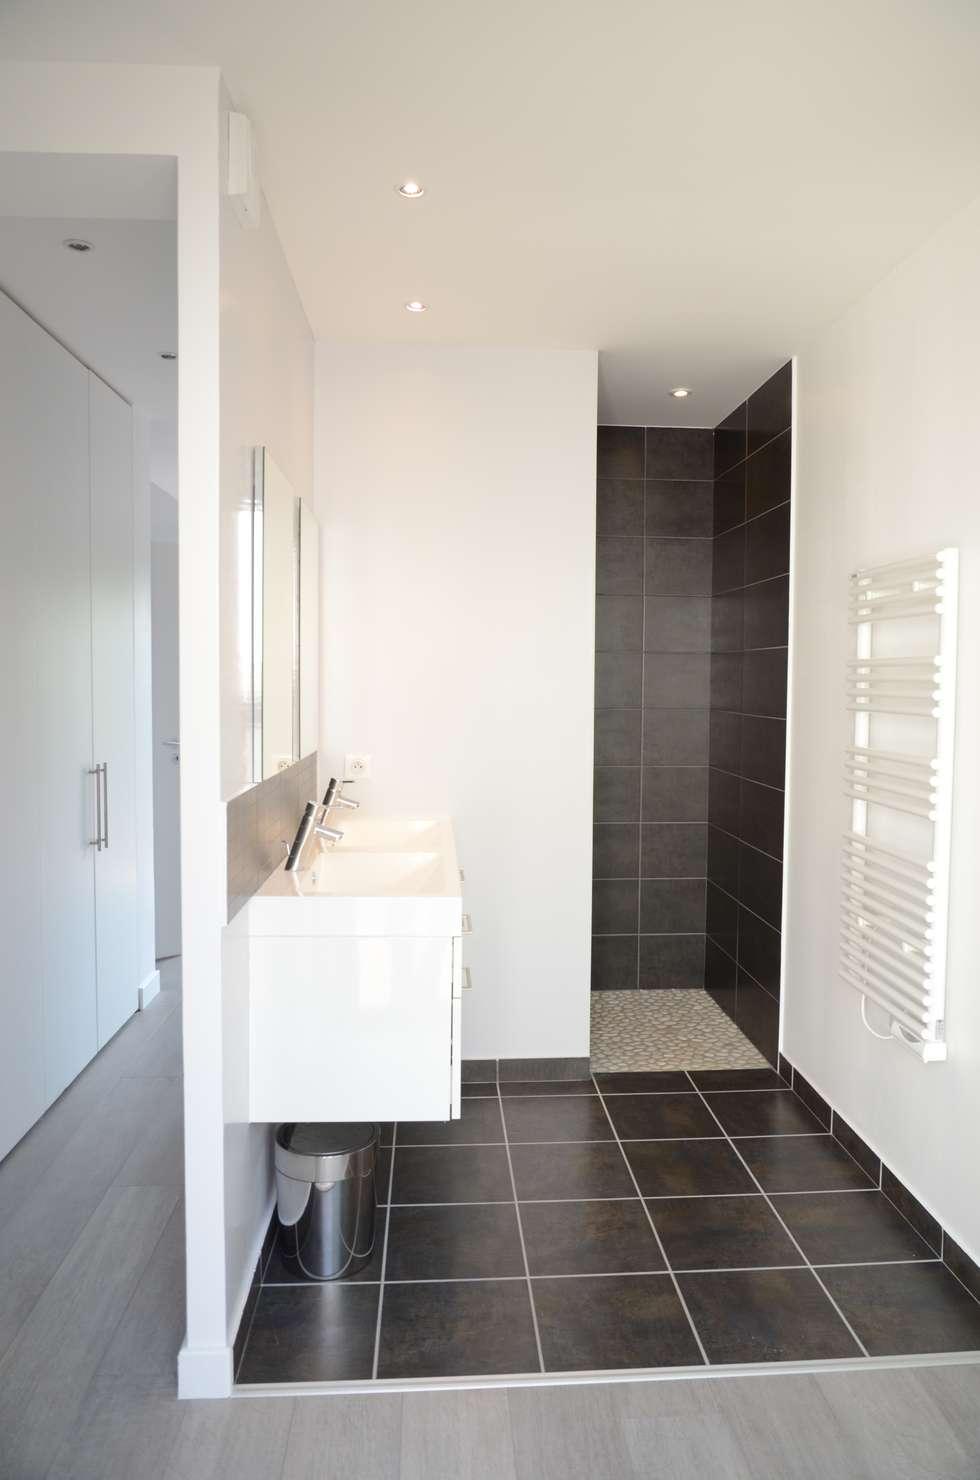 Salle De Bain Moderne Grise en ce qui concerne salle de bain moderne gris anthracite et blanc: salle de bains de